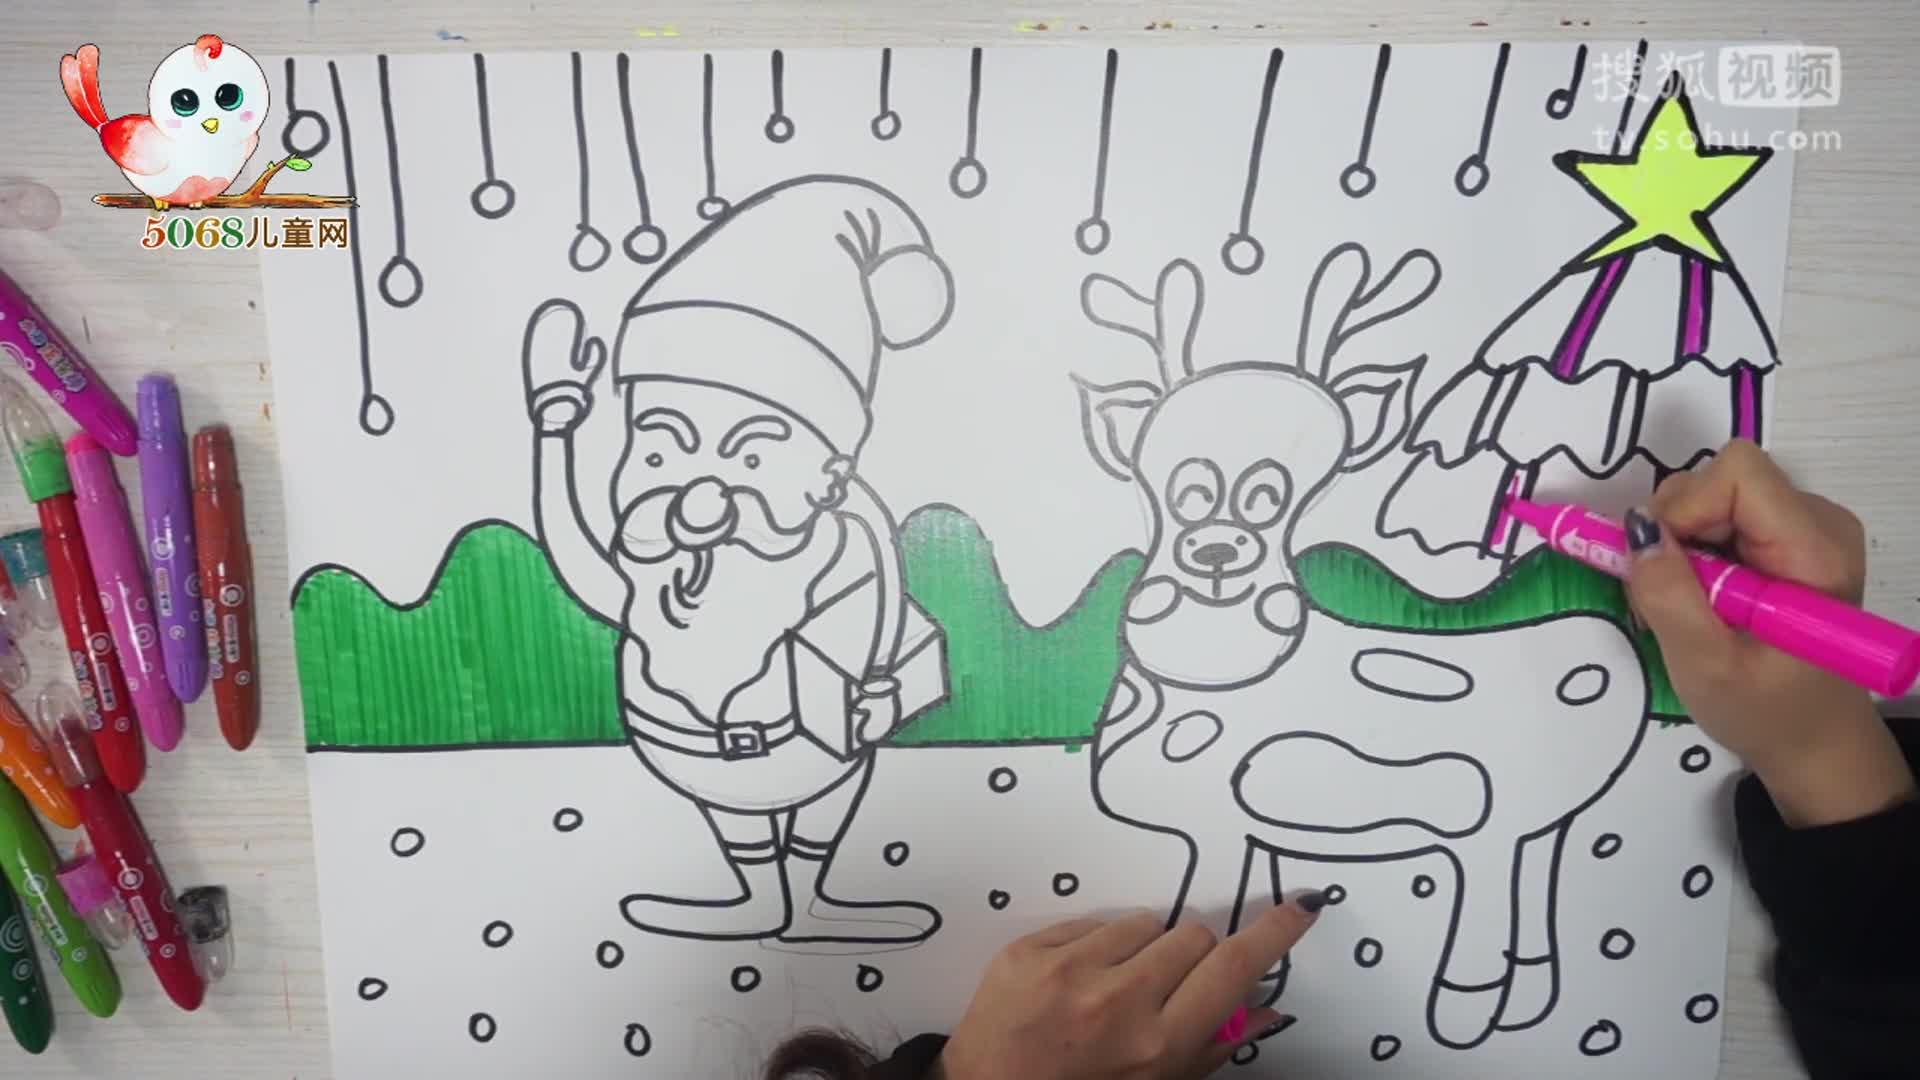 5068儿童网学画画第50课:圣诞节礼物